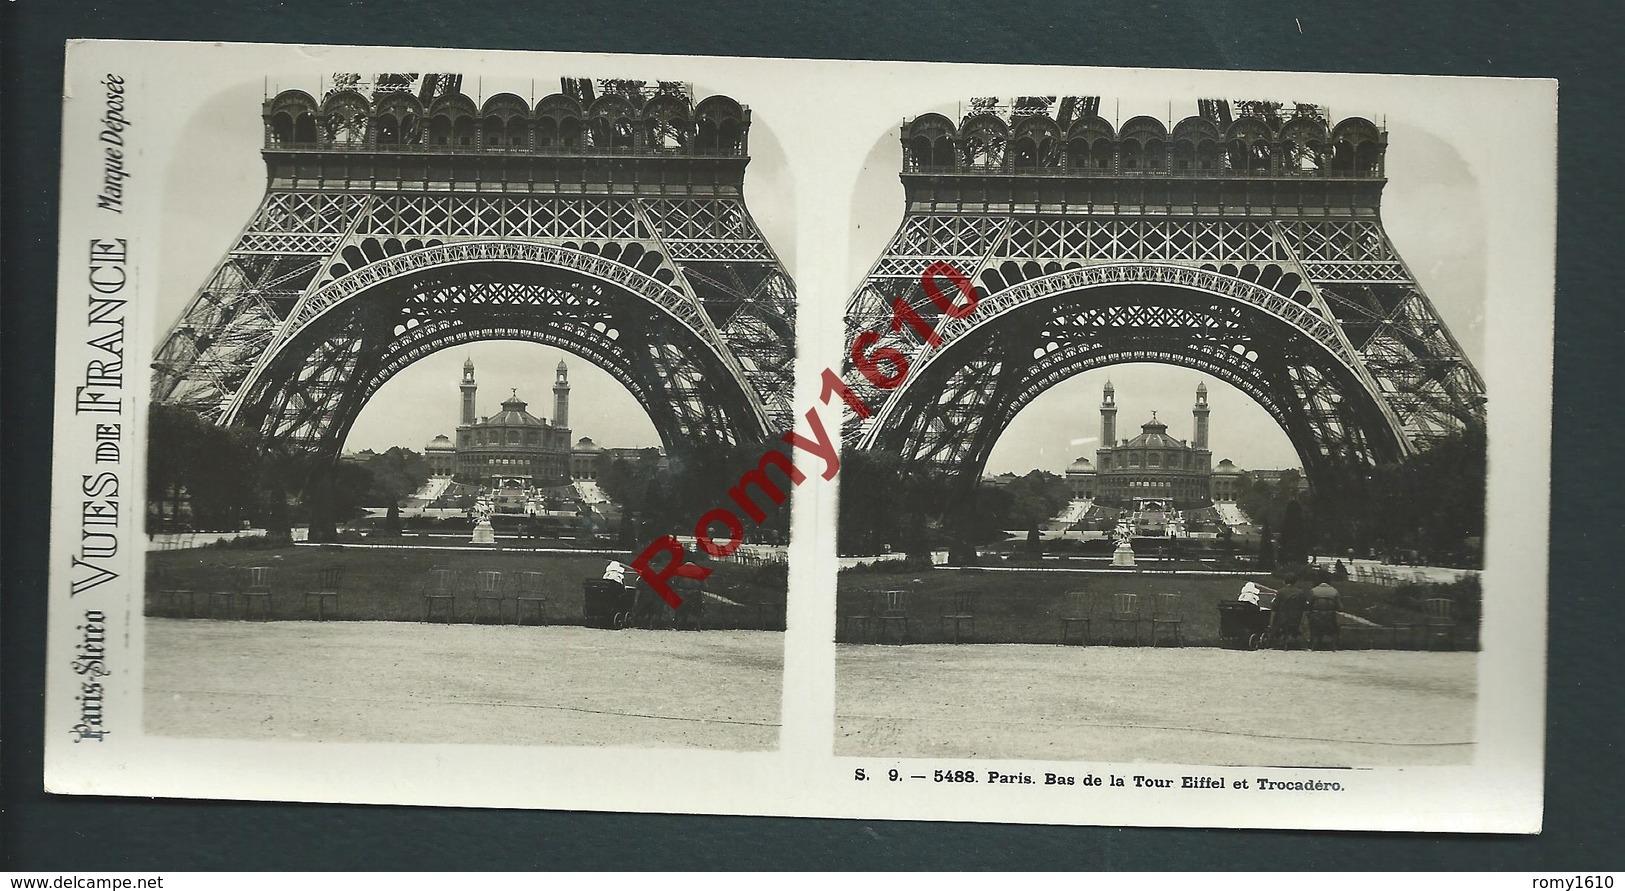 France 75 Paris. Lot 12 Vues Stéréoscopiques. Série N°9. Complète. Édition: Paris-Stéréo. Photos En Excellent état. - Stereoscopic